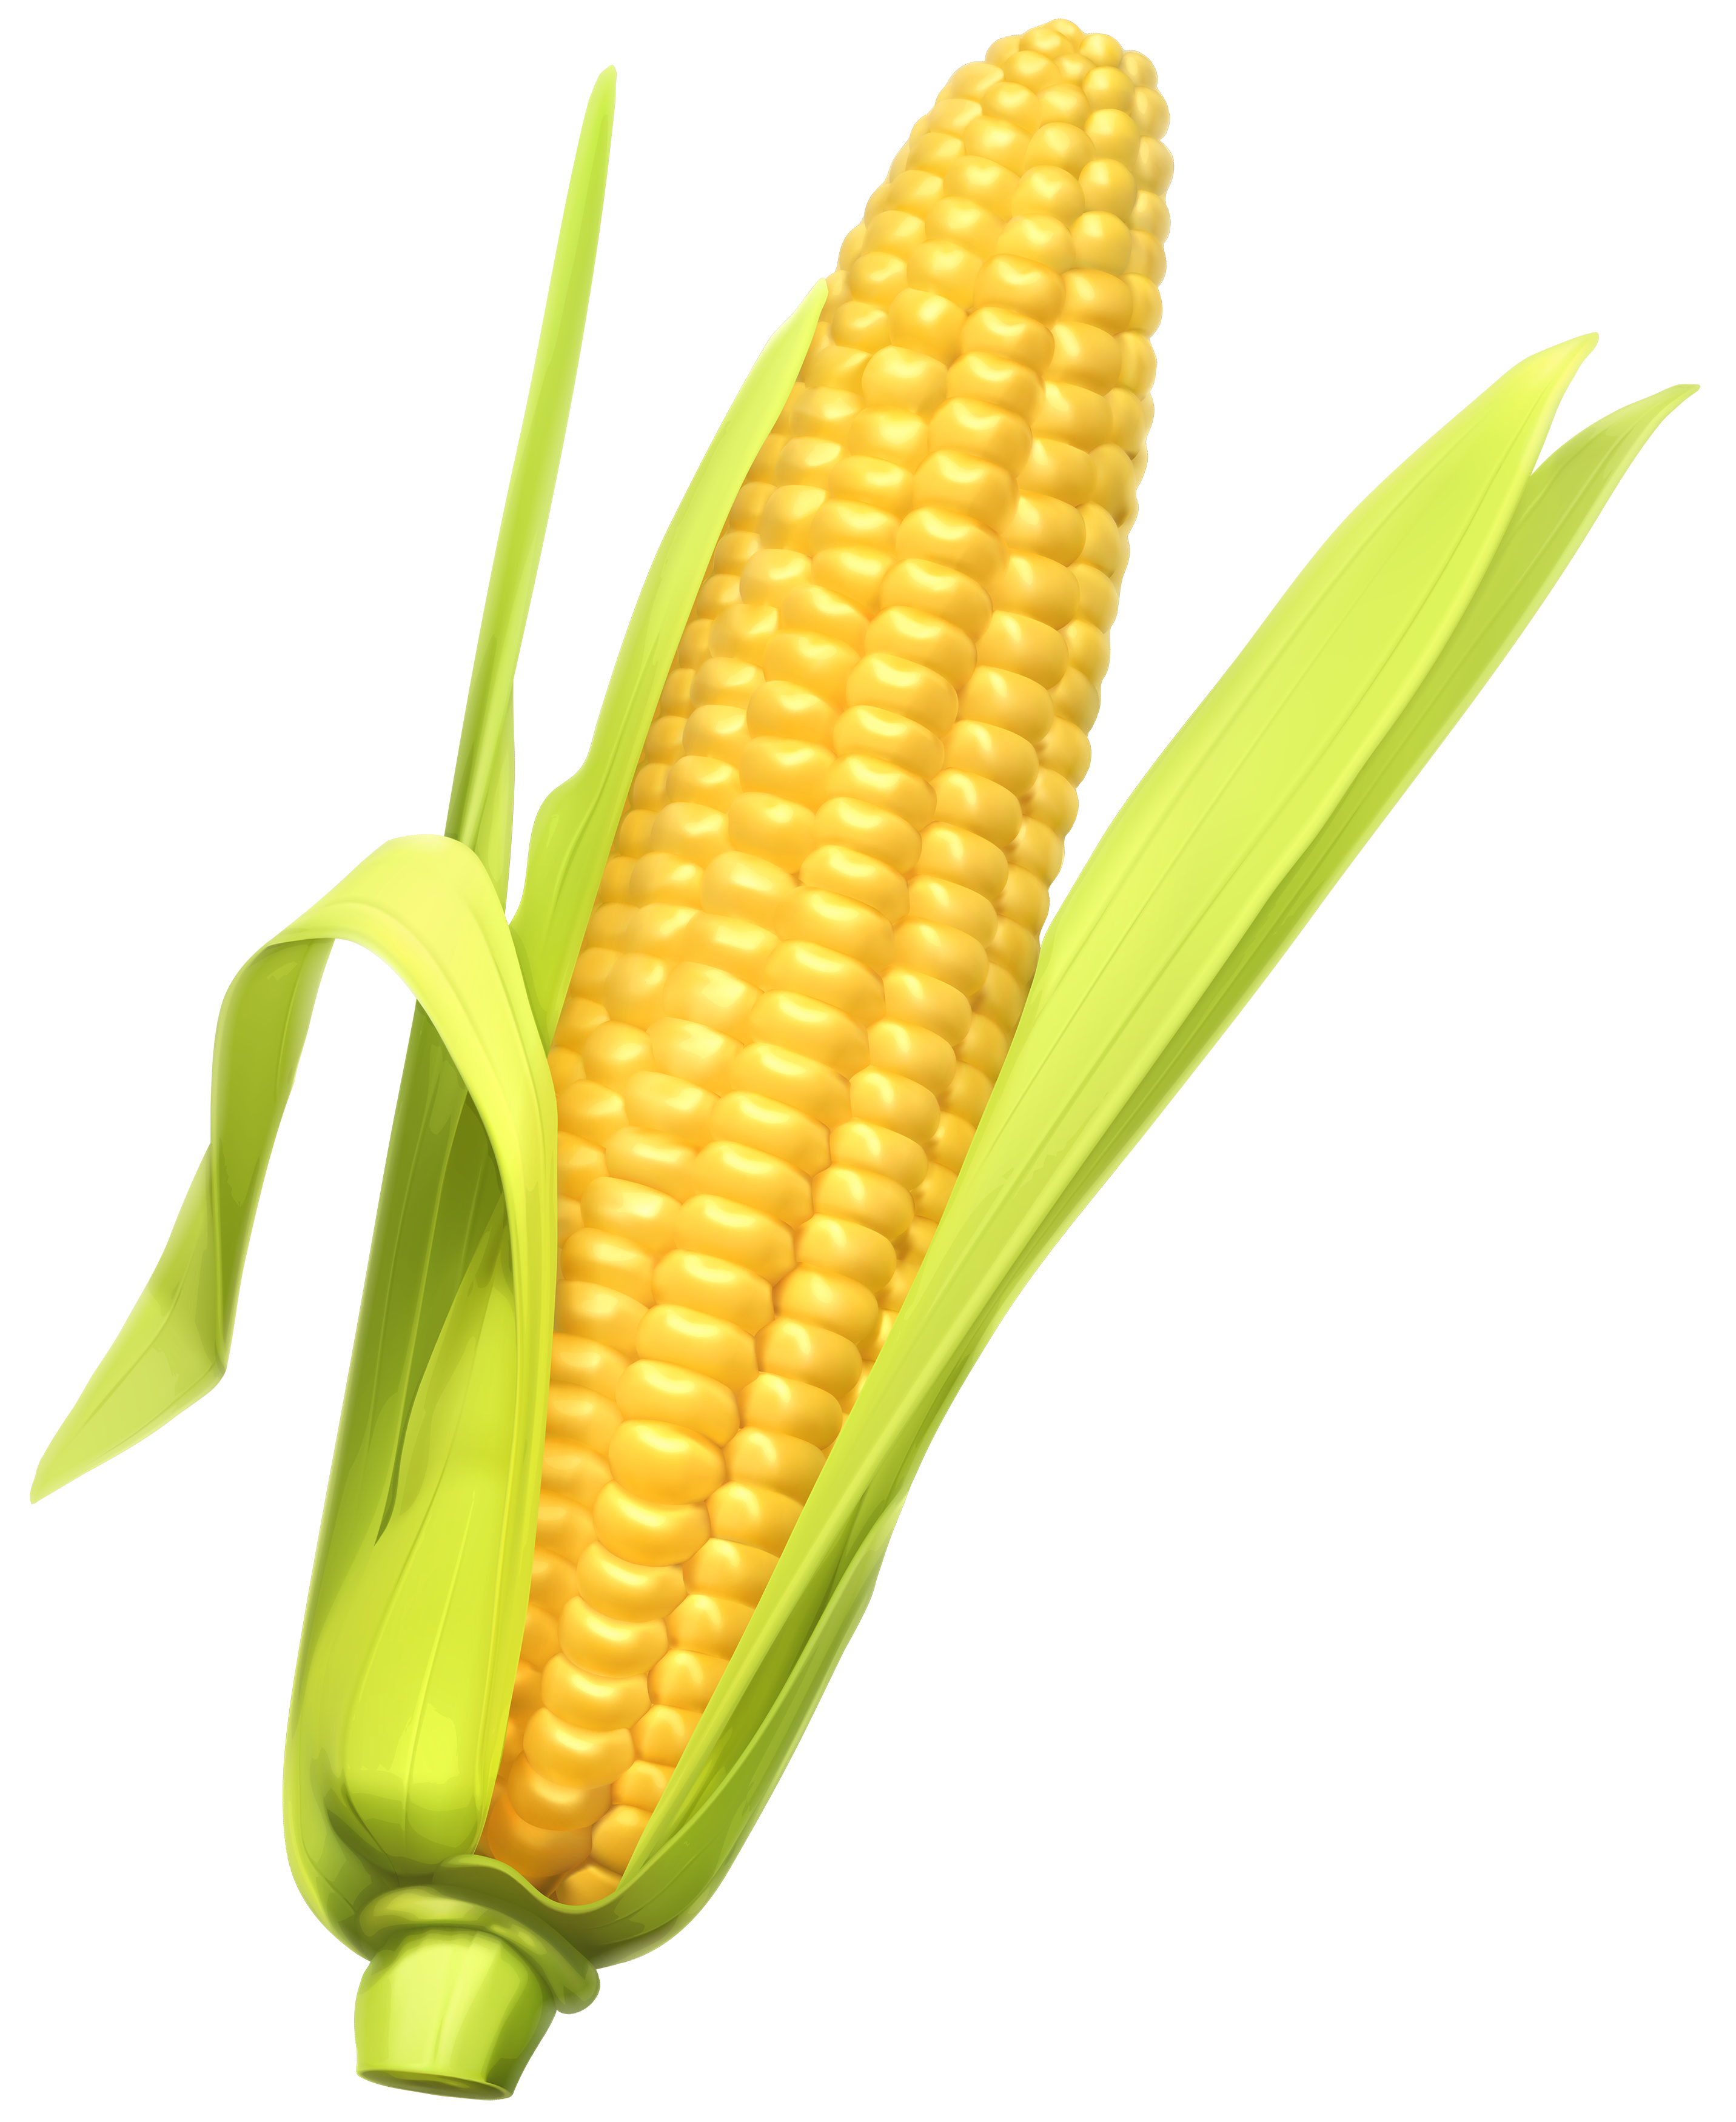 Corn Clipart-corn clipart-1